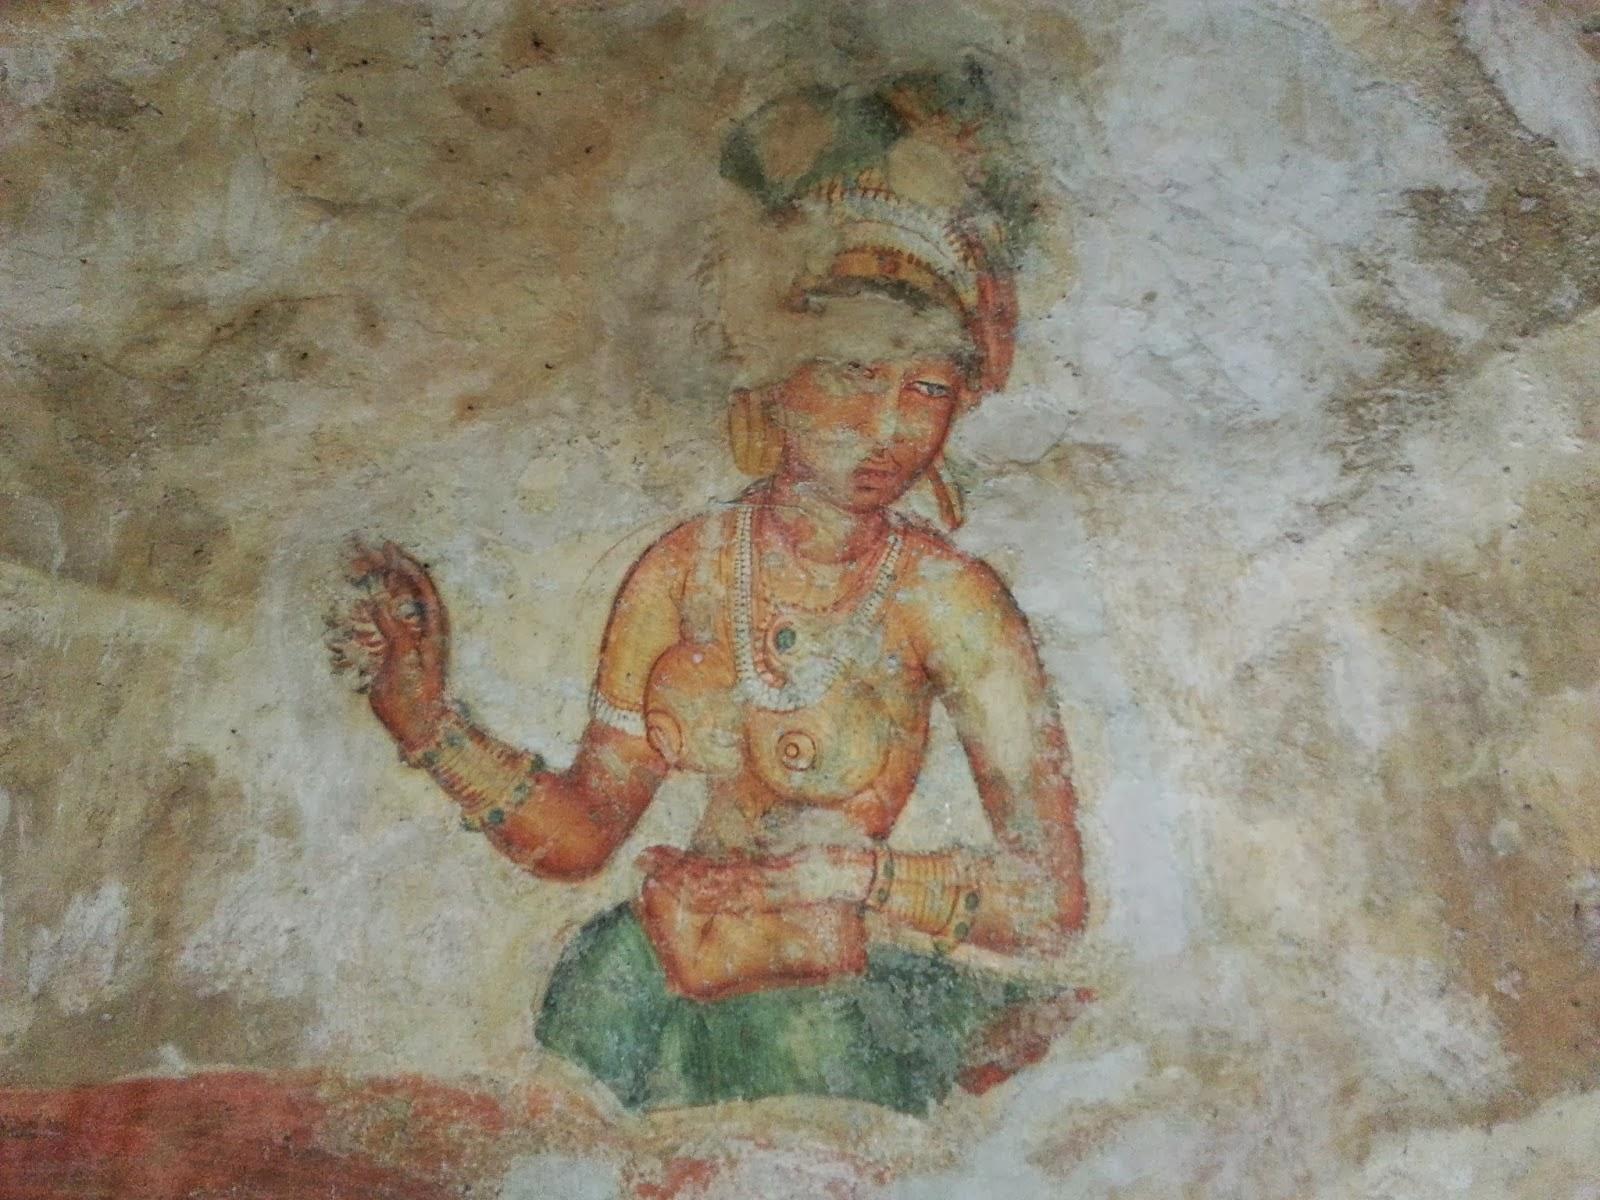 Древняя ланкийская девушка выглядит совершенно, идеальные формы, красивое тело, фрески, Сигирия, Шри-Ланка